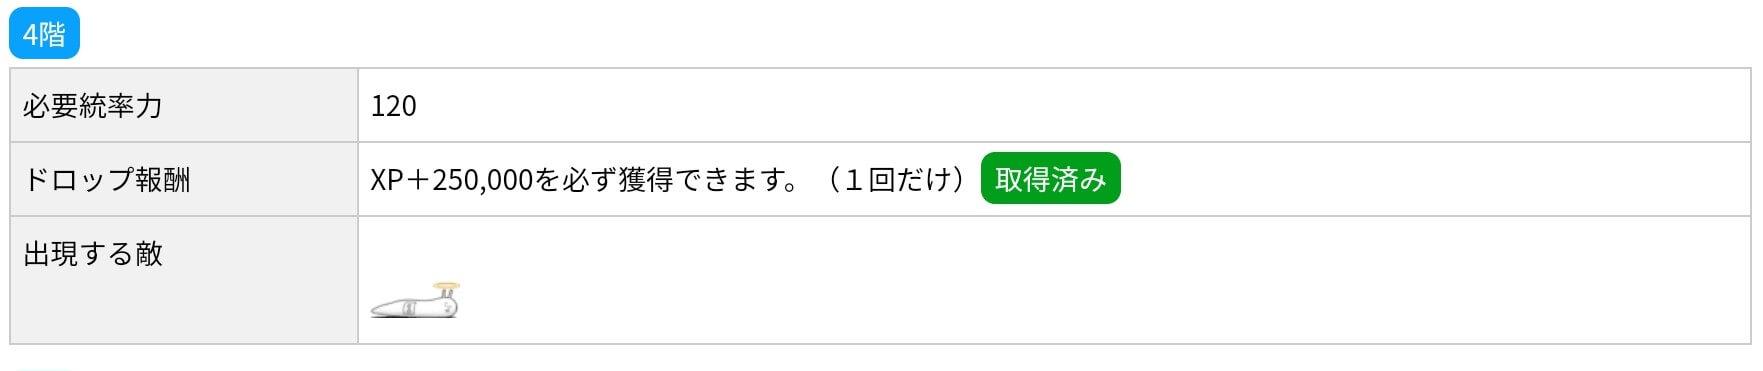 にゃんこ別塔(天)4階 敵編成